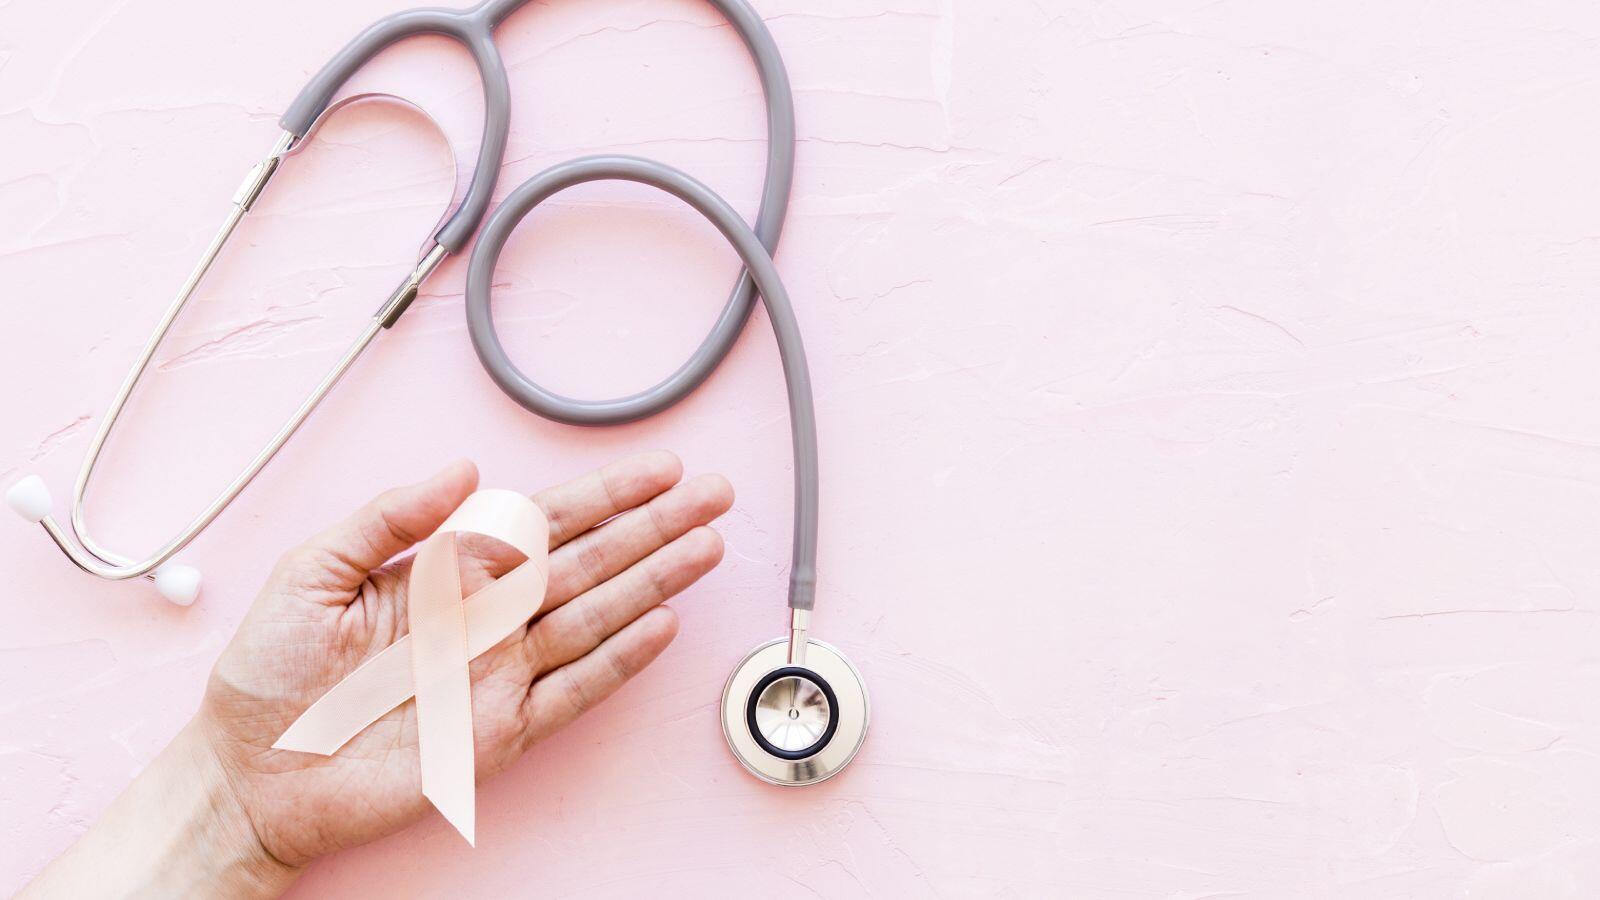 קנאביס רפואי לטיפול בסרטן